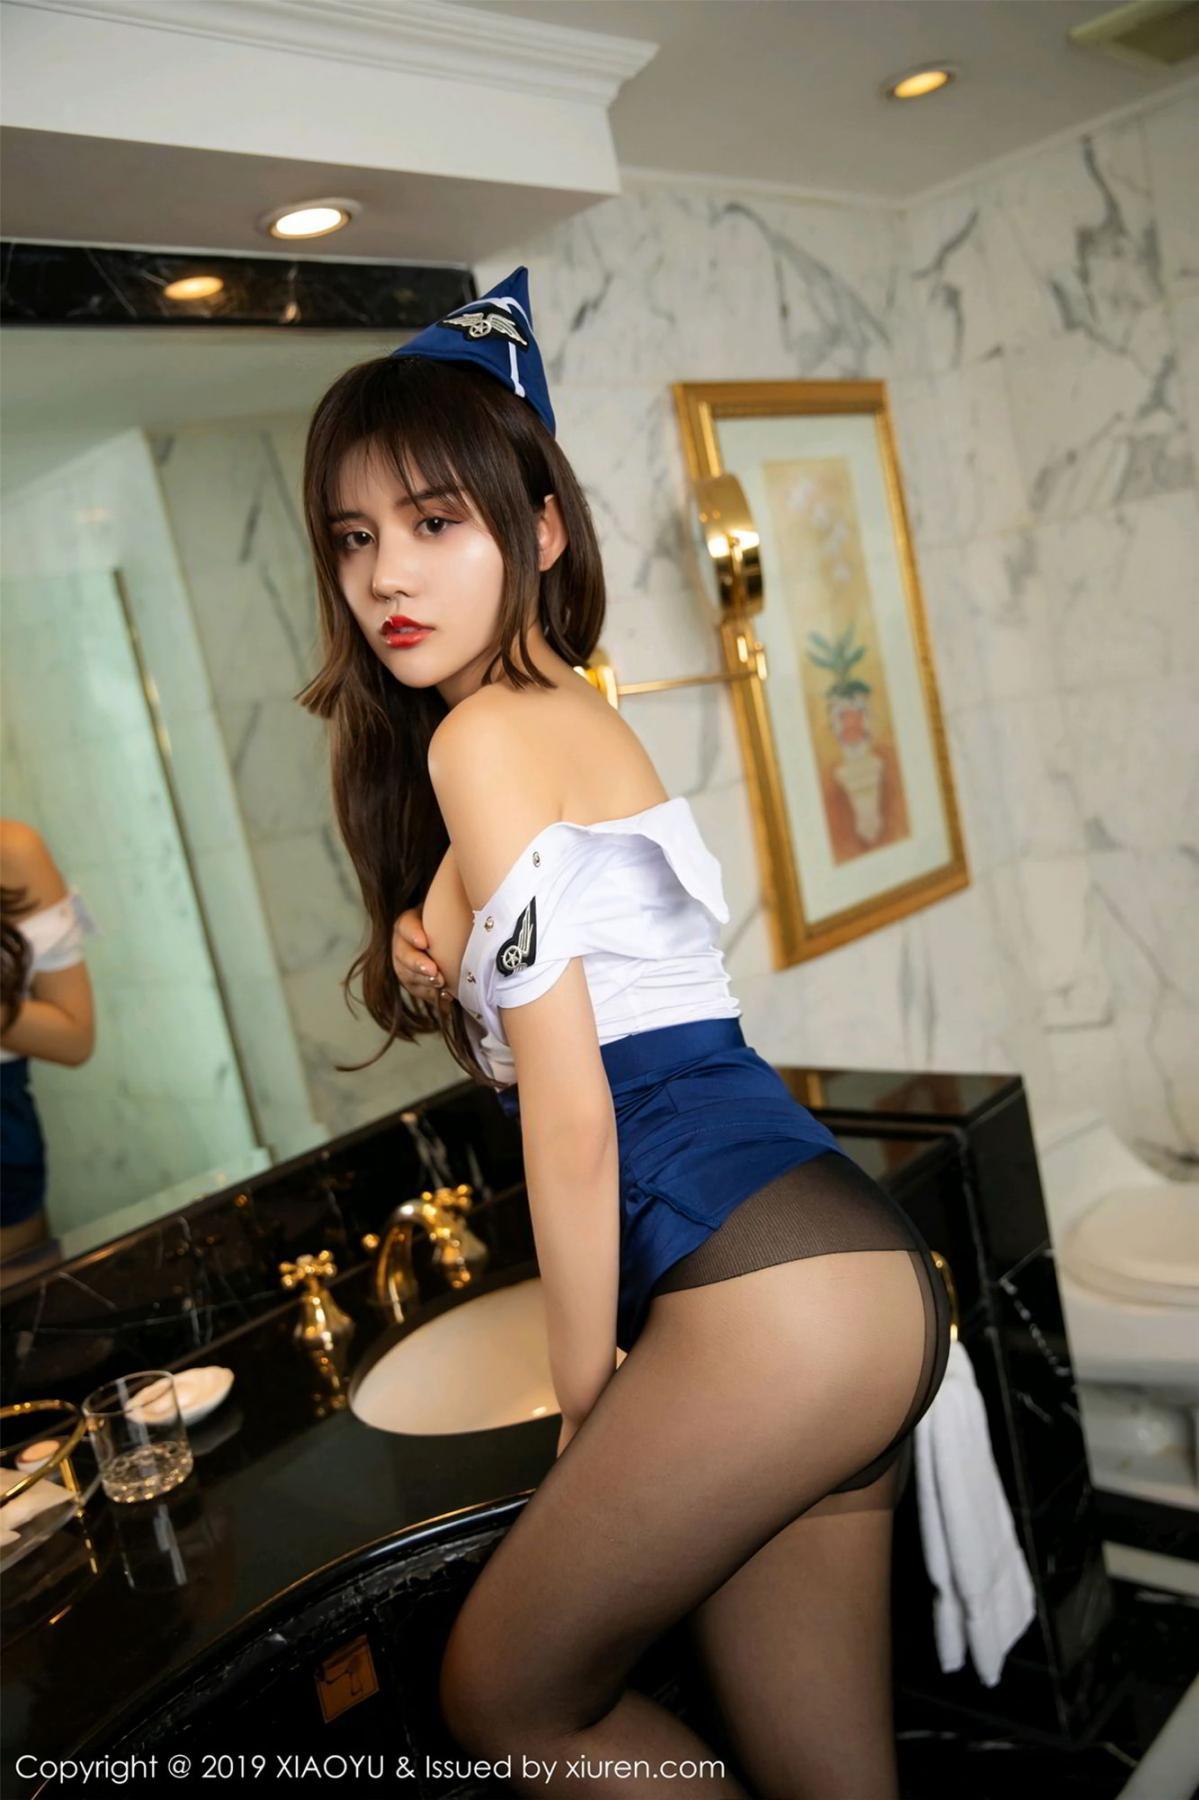 [XIAOYU] Vol.117 Zhuo Ya Qi 23P, Black Silk, Stewardess, Tall, XiaoYu, Zhuo Ya Qi